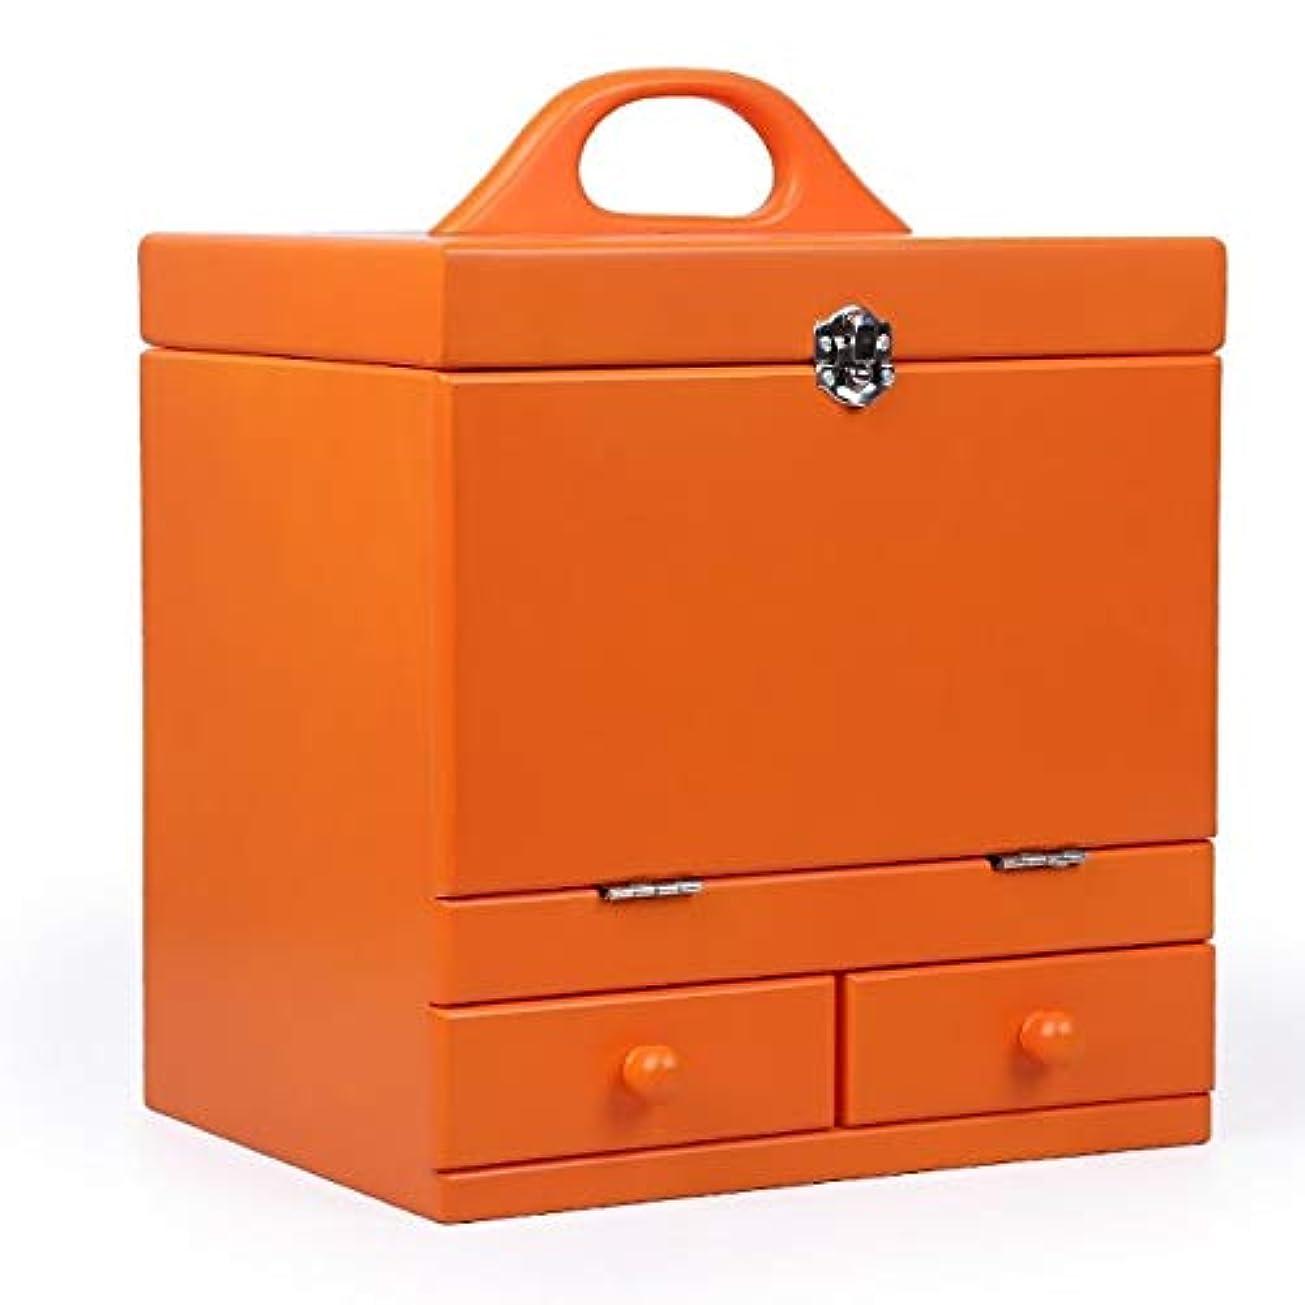 ソビエトロープスキー化粧箱、オレンジ二重デッキヴィンテージ木製彫刻化粧品ケース、ミラー、高級ウェディングギフト、新築祝いギフト、美容ネイルジュエリー収納ボックス